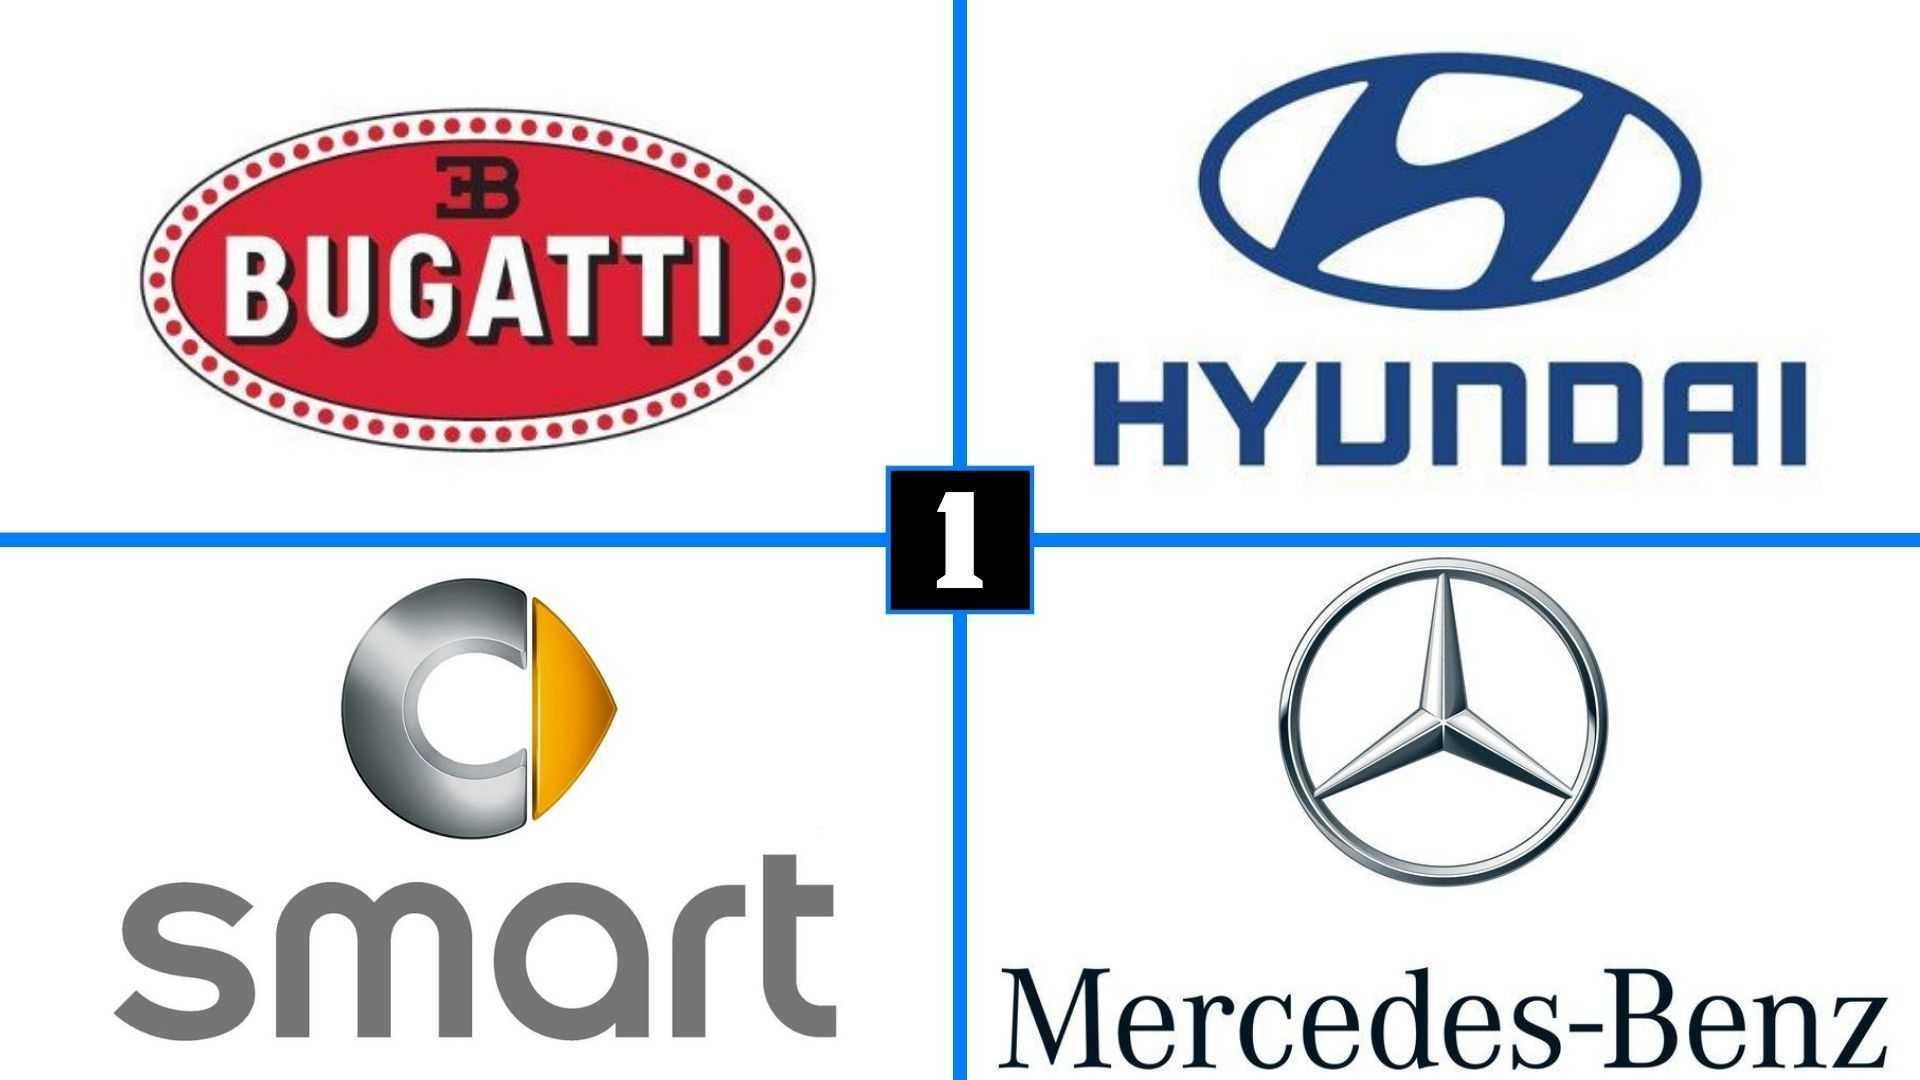 DIAPORAMA - Connaissez-vous le sens caché de ces 10 logos ?